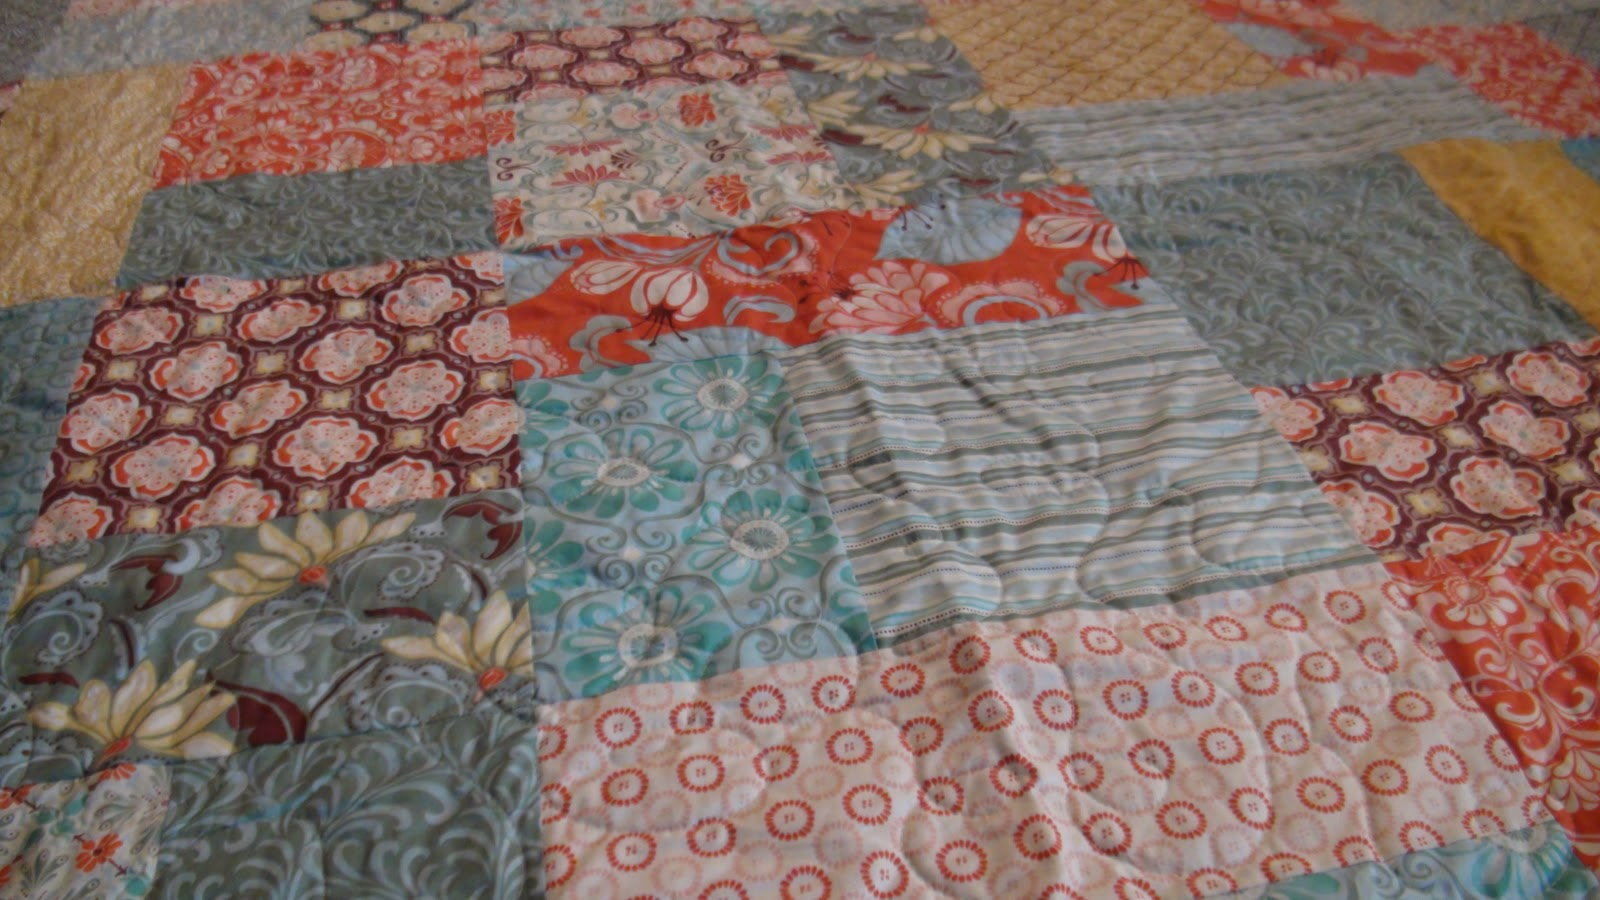 Latimer Lane Fandango Turning Twenty Christmas Quilt Project